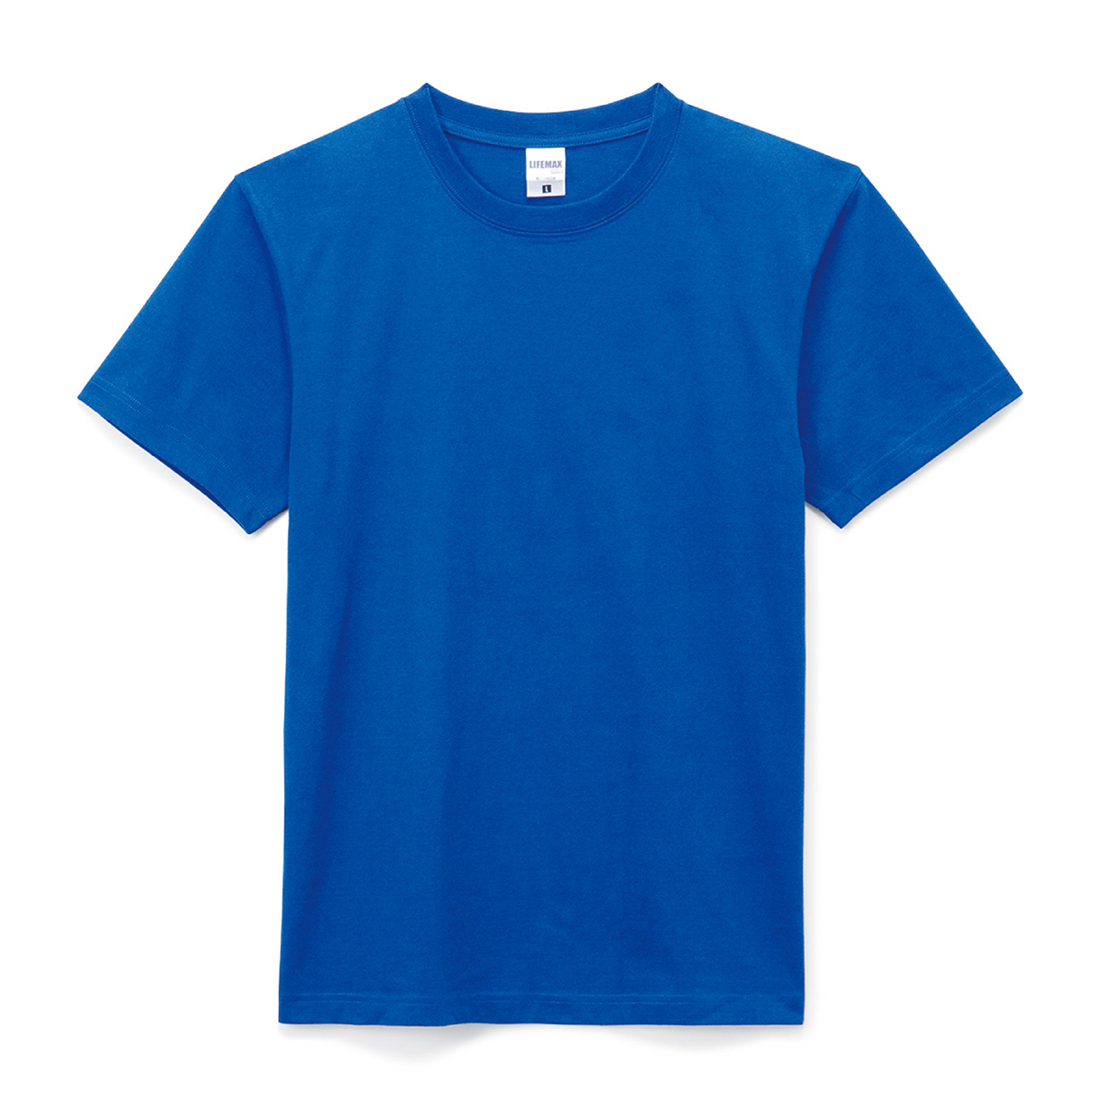 Tシャツ ブルー